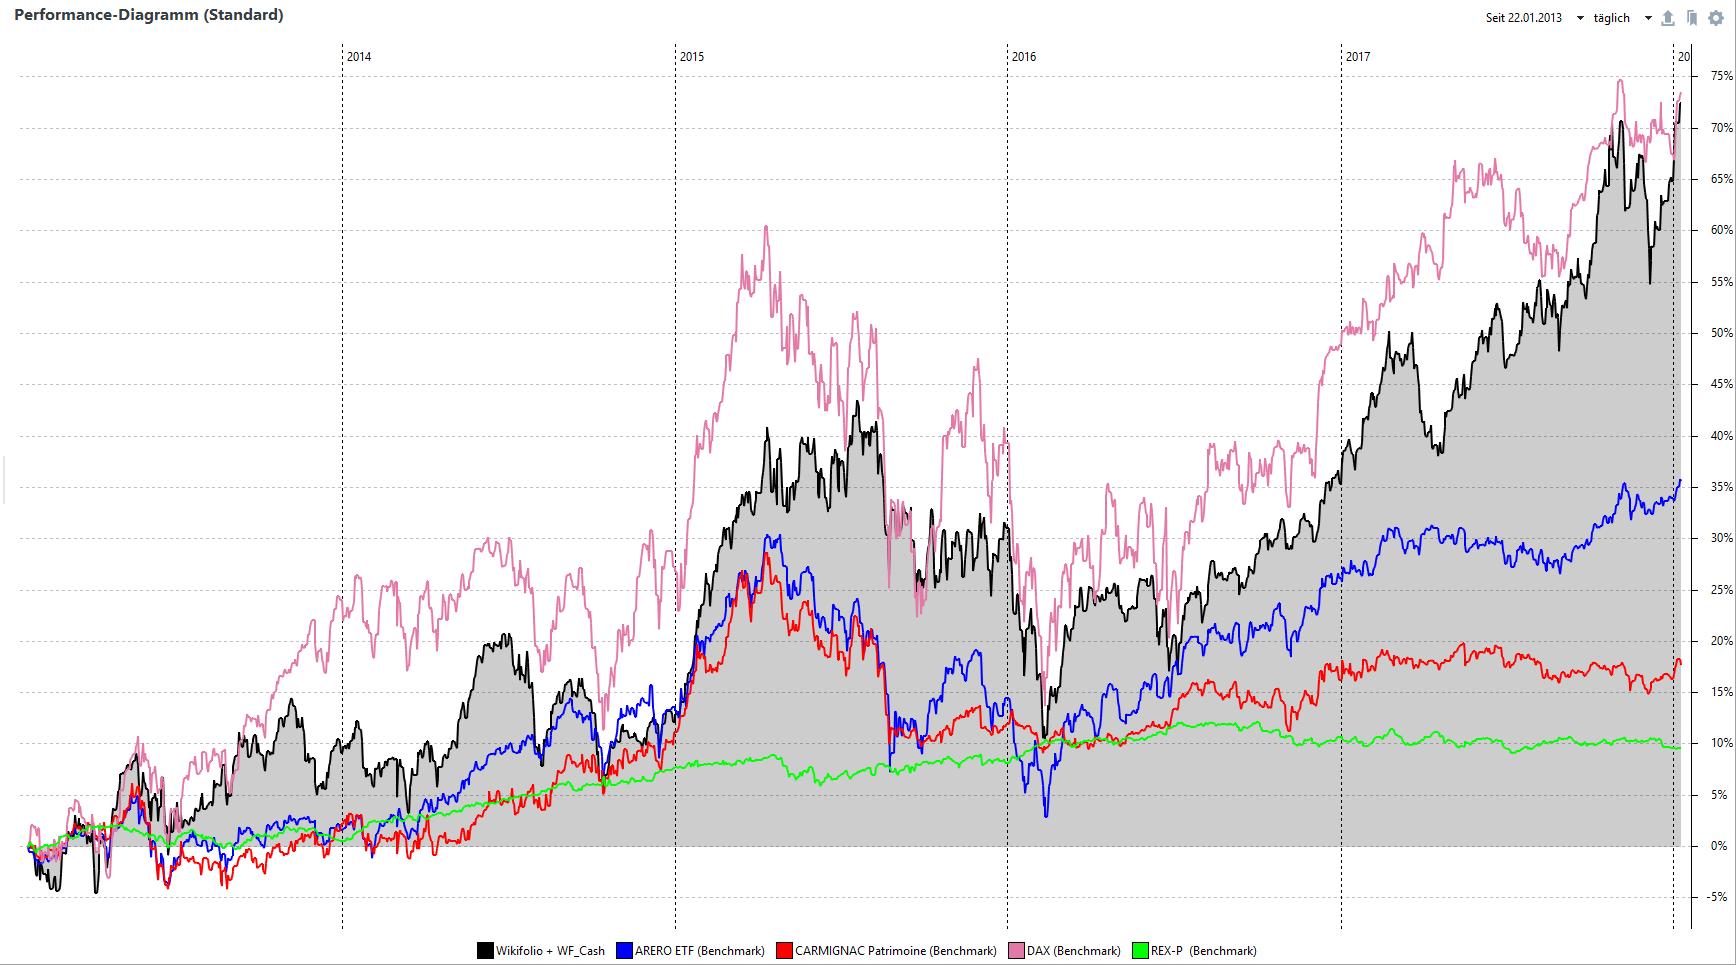 Performance-Diagramm seit Auflegung am 22.01.2013